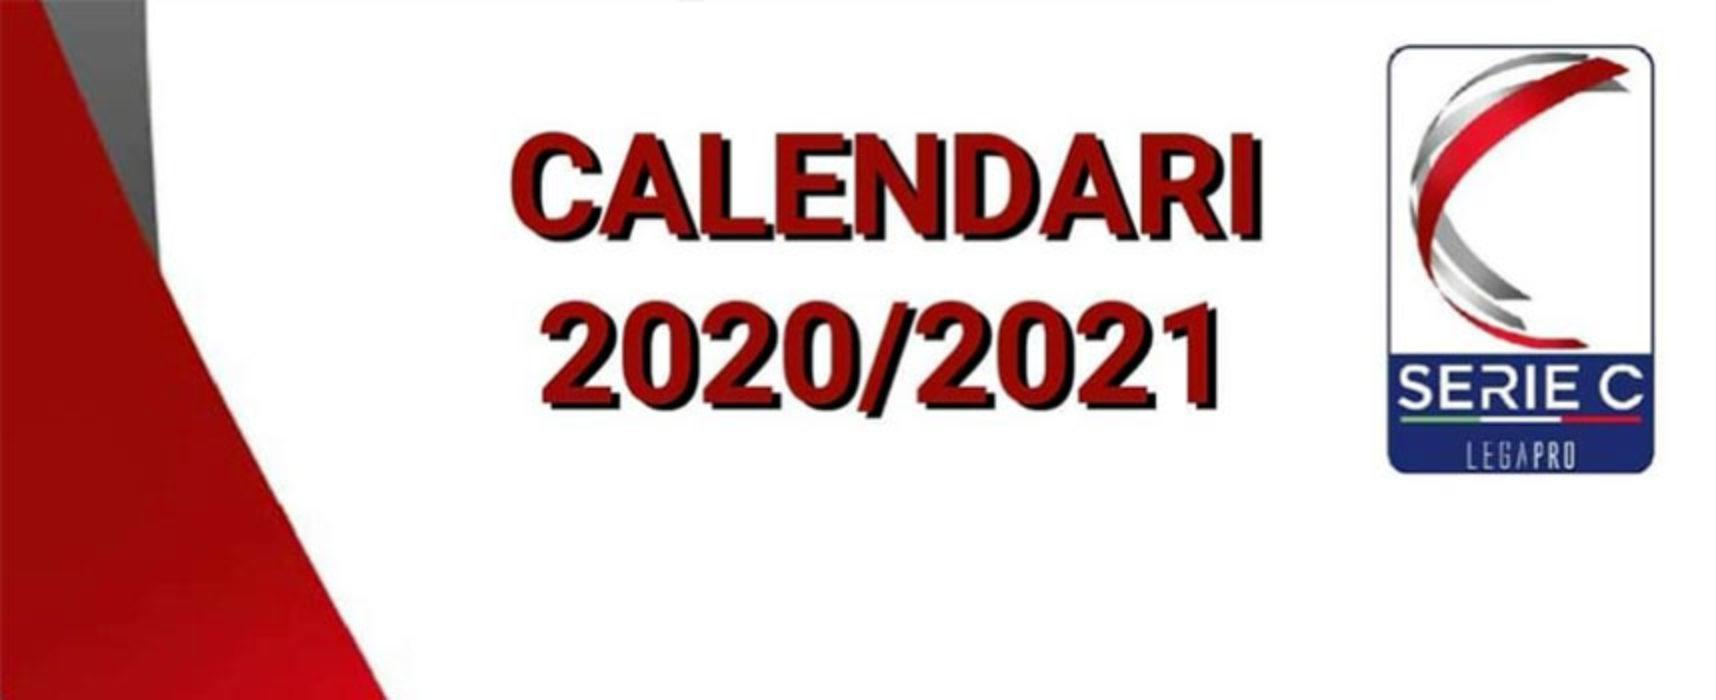 Serie C: ufficializzati i calendari, da definire il cammino del Bisceglie Calcio